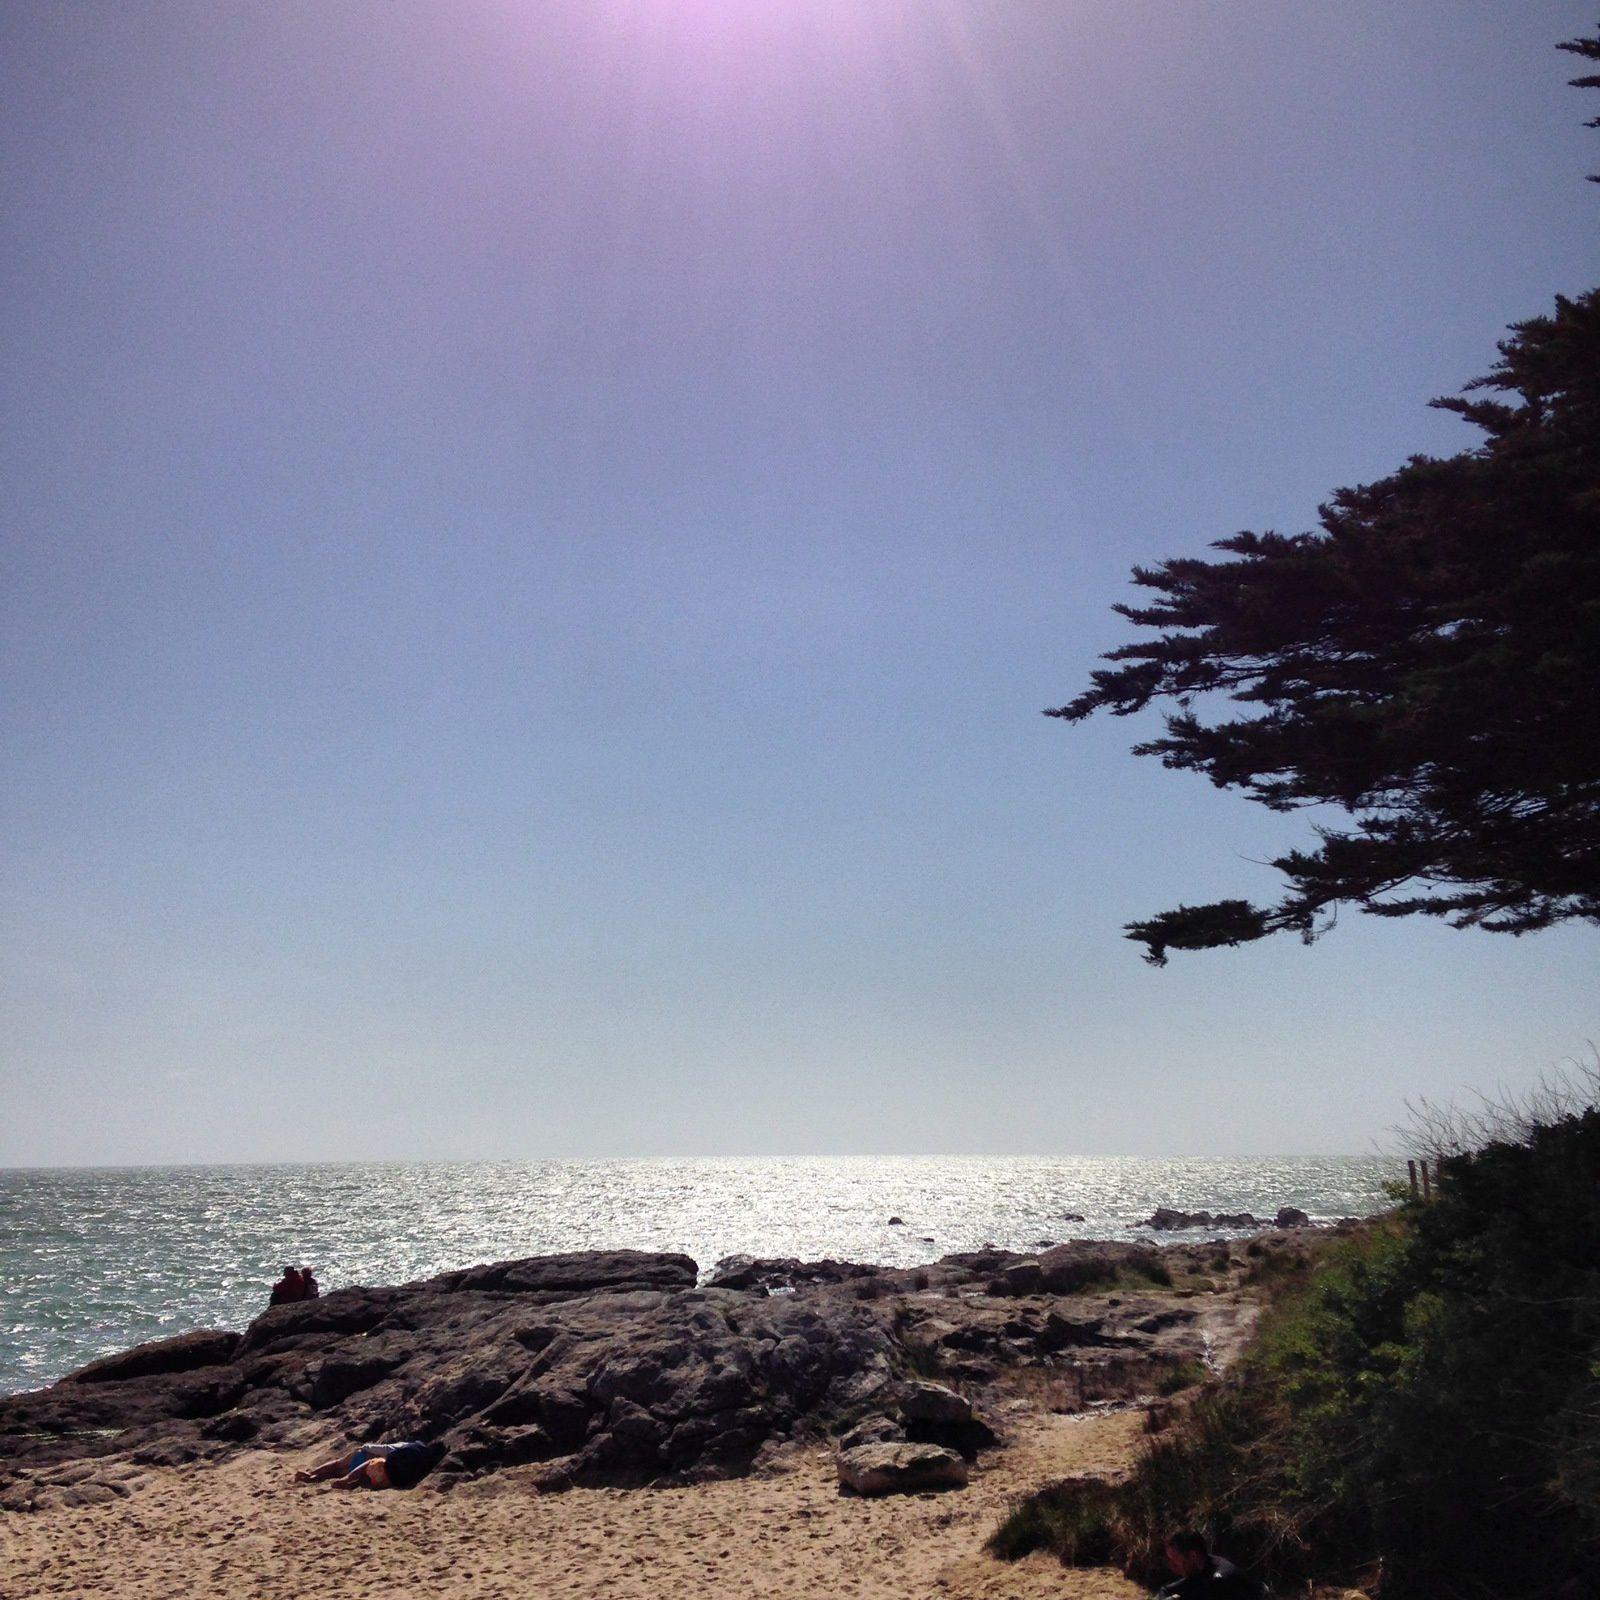 La plage de Luzeronde